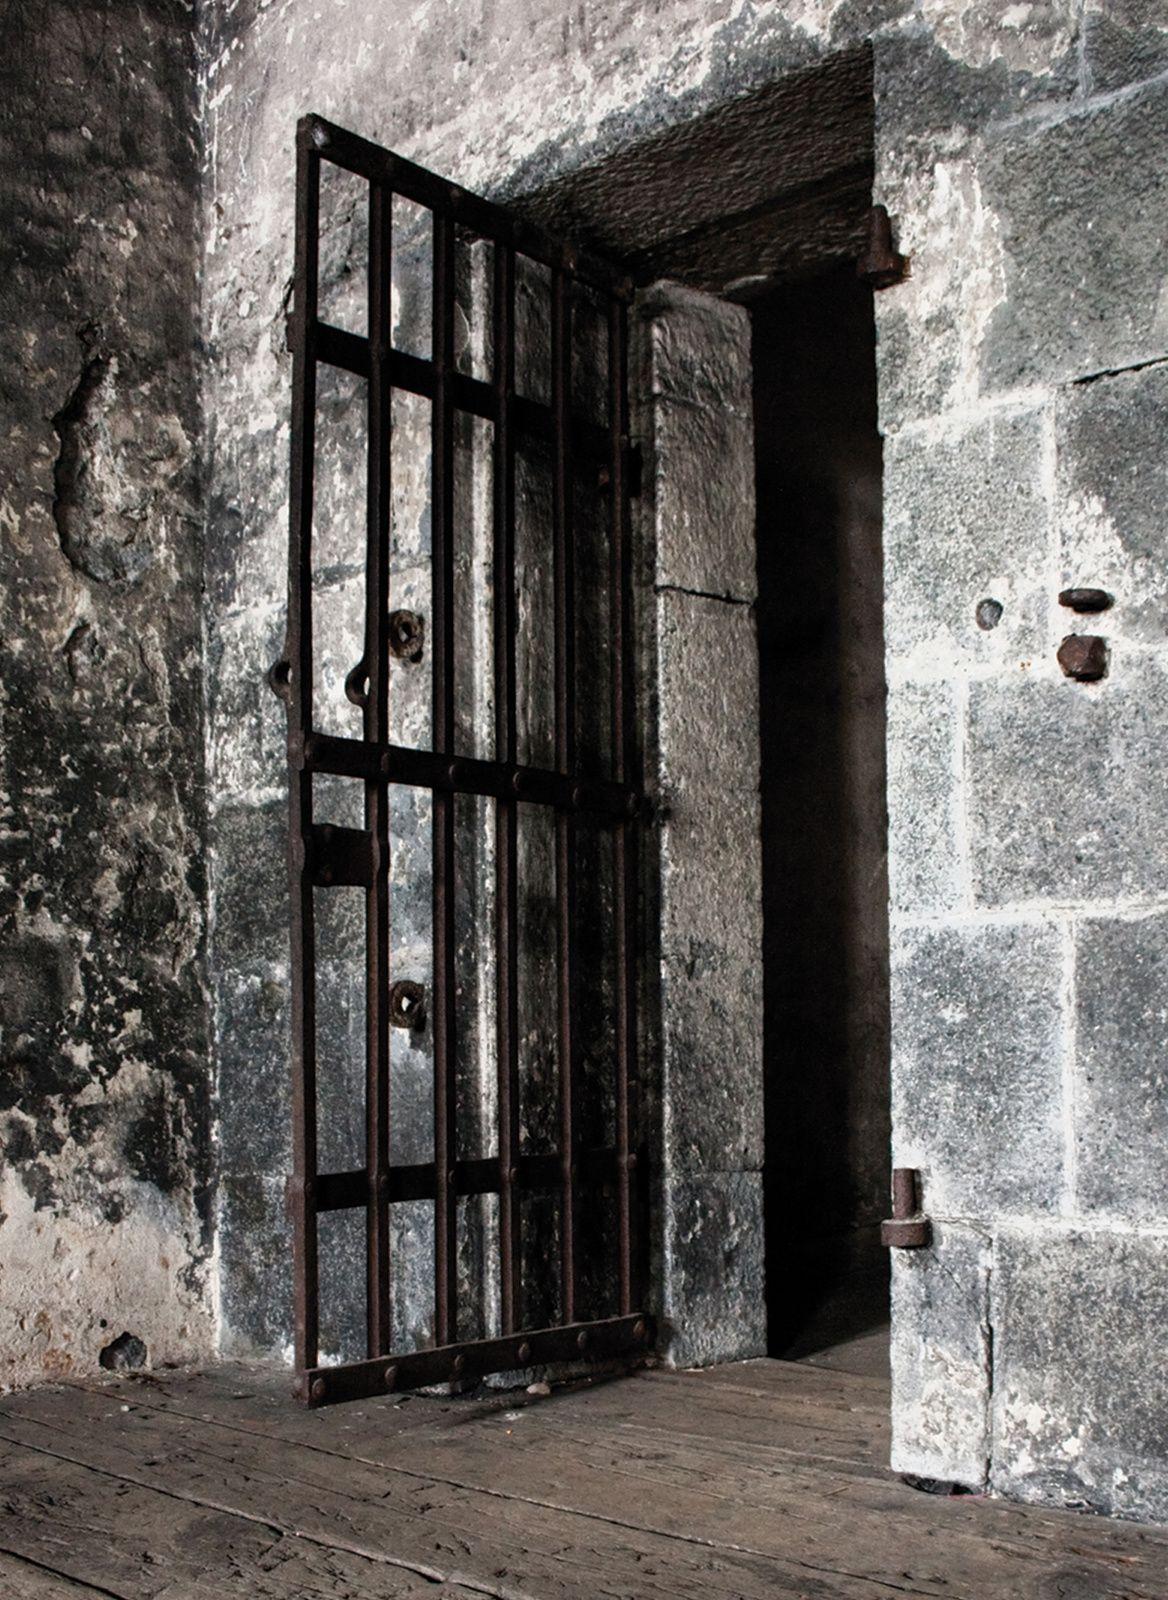 Une visite au Morrin Center dans l'ancienne prison de Québec - Auteur: Véronique Hébert